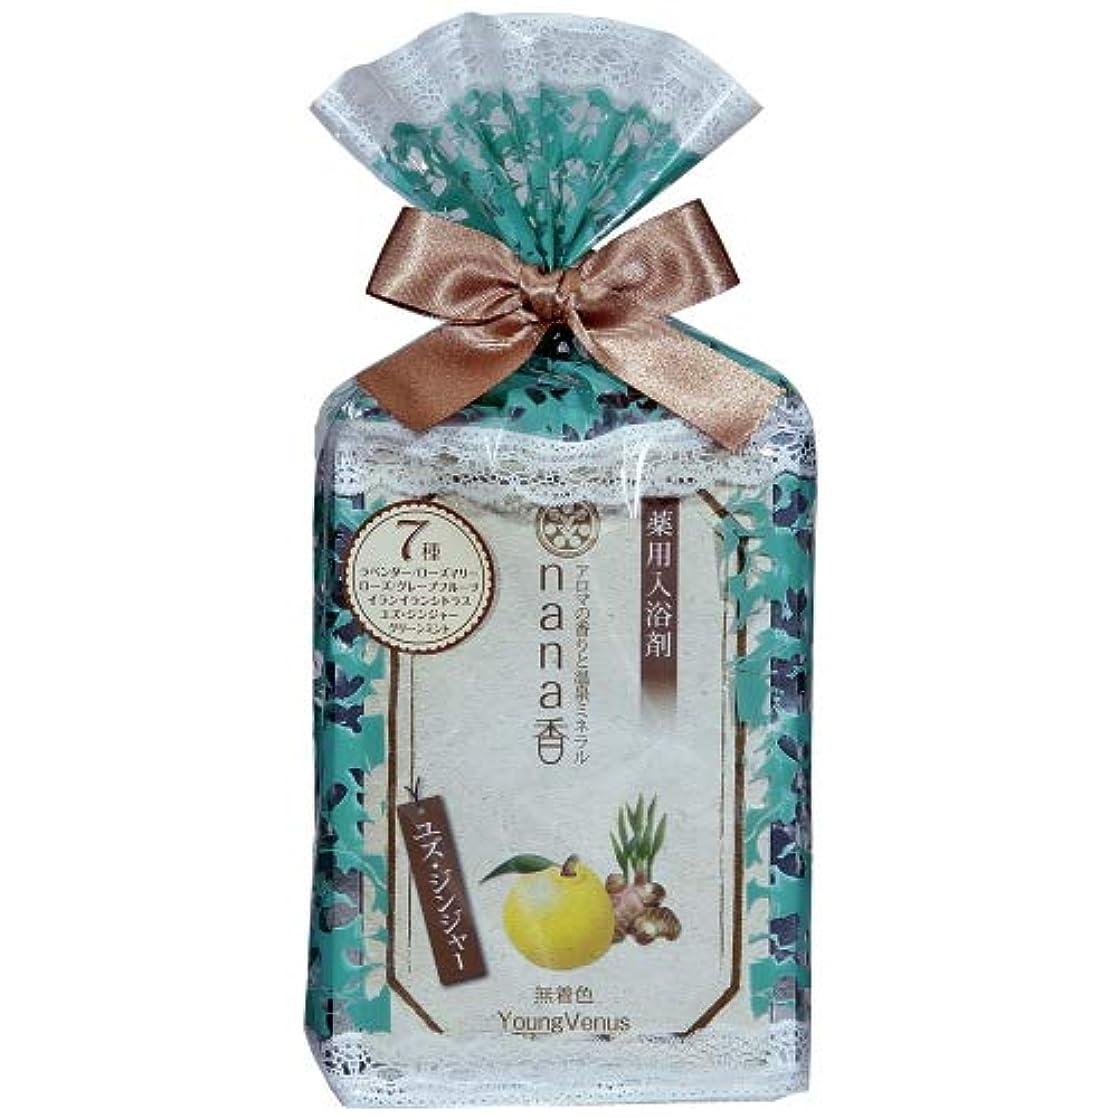 賢い旅行役職薬用入浴剤 ヤングビーナス nana香シリーズ詰合せ 7袋入り 医薬部外品